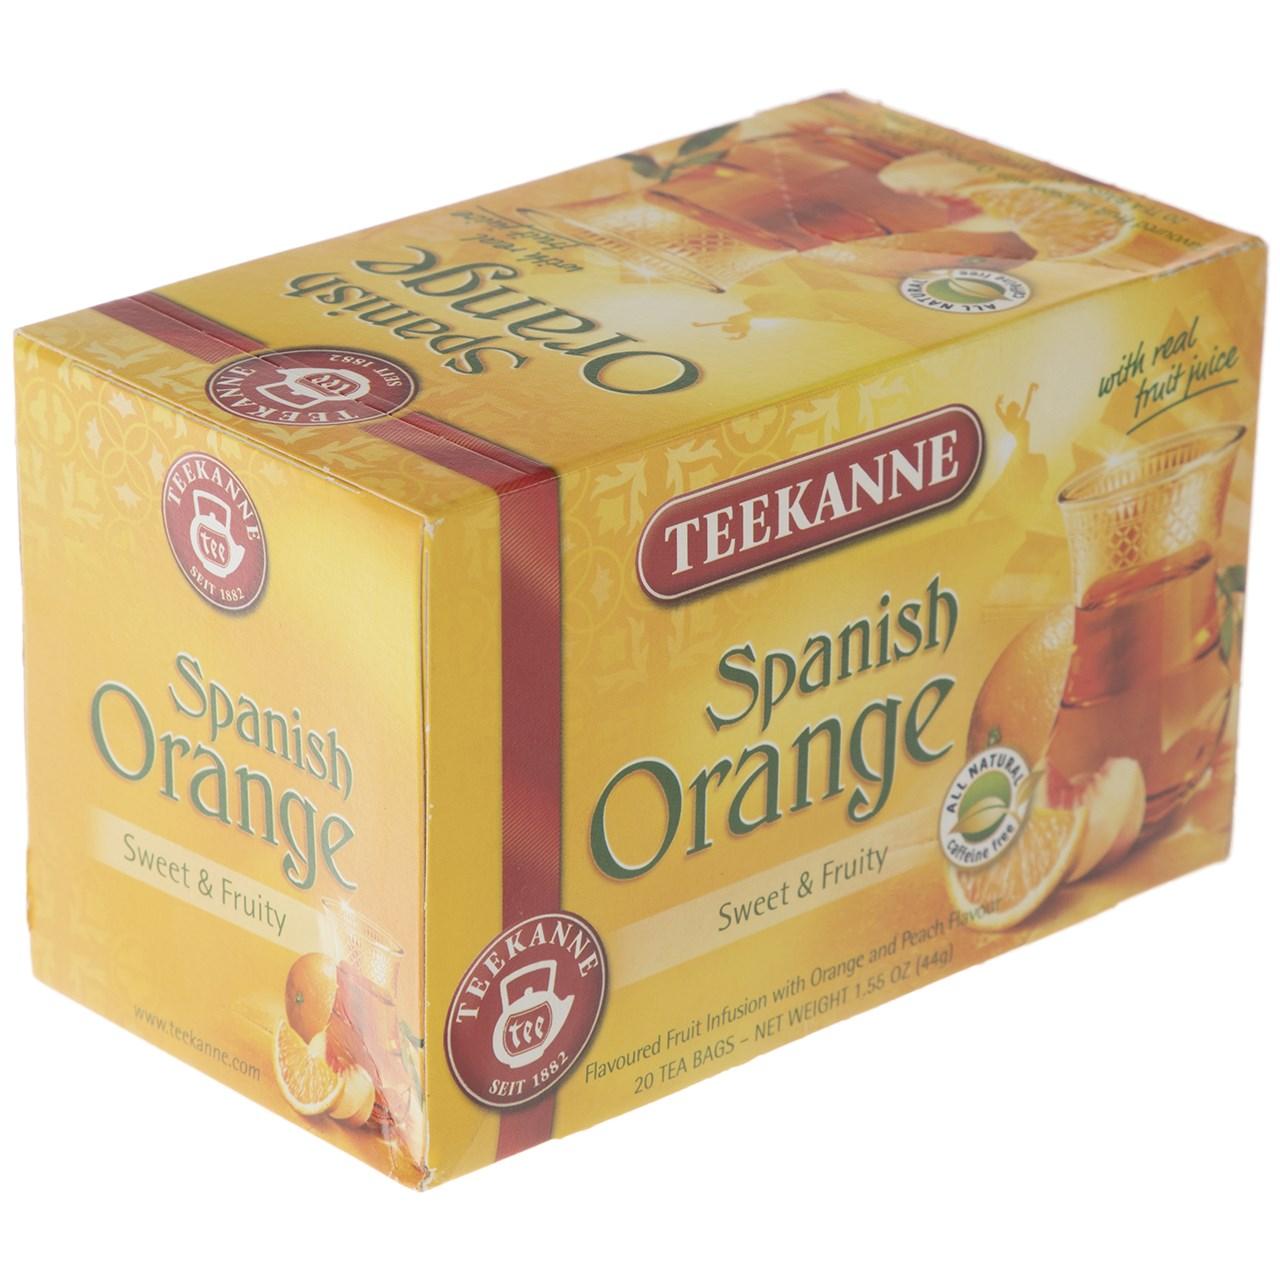 چای کیسه ای تی کانه مدل Spanish Orange بسته 20 عددی